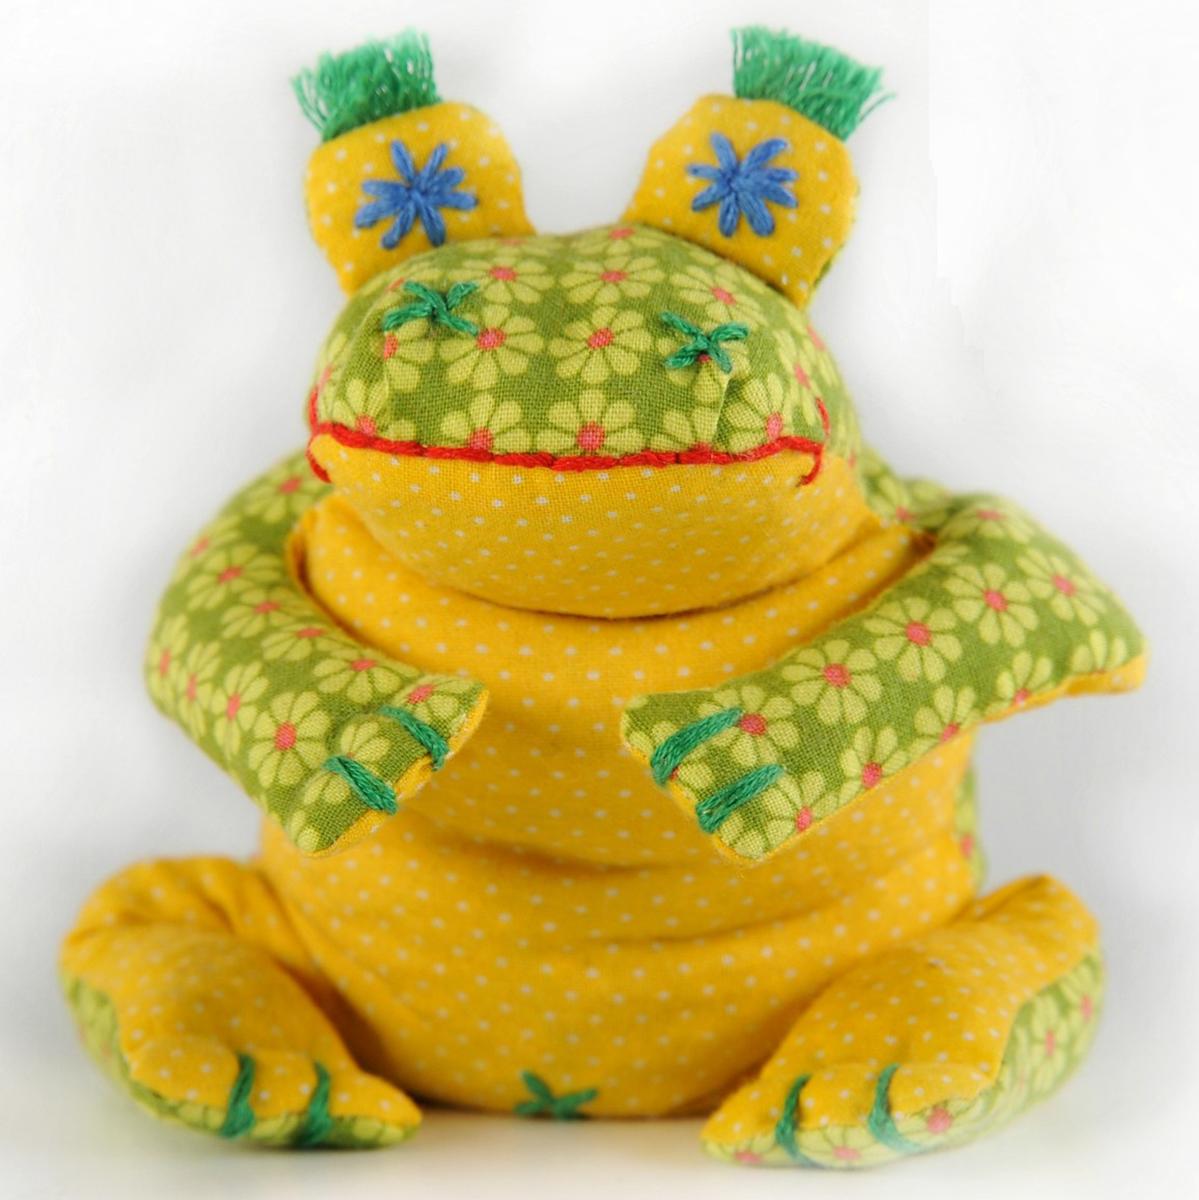 Набор для создания игрушки Перловка Лягушонок КваП114Состав: 100% натуральный плотный хлопок пр-во США, нитки для вышивания и декорирования, лента для декорирования, листы с выкройками персонажа, подробная инструкция по изготовлению куклы. Куклы для самых маленьких – без пришивных «откусываемых» деталей. Эту игрушку можно использовать как грелку – для этого достаточно поместить ее на 1 минуту в СВЧ-печку .